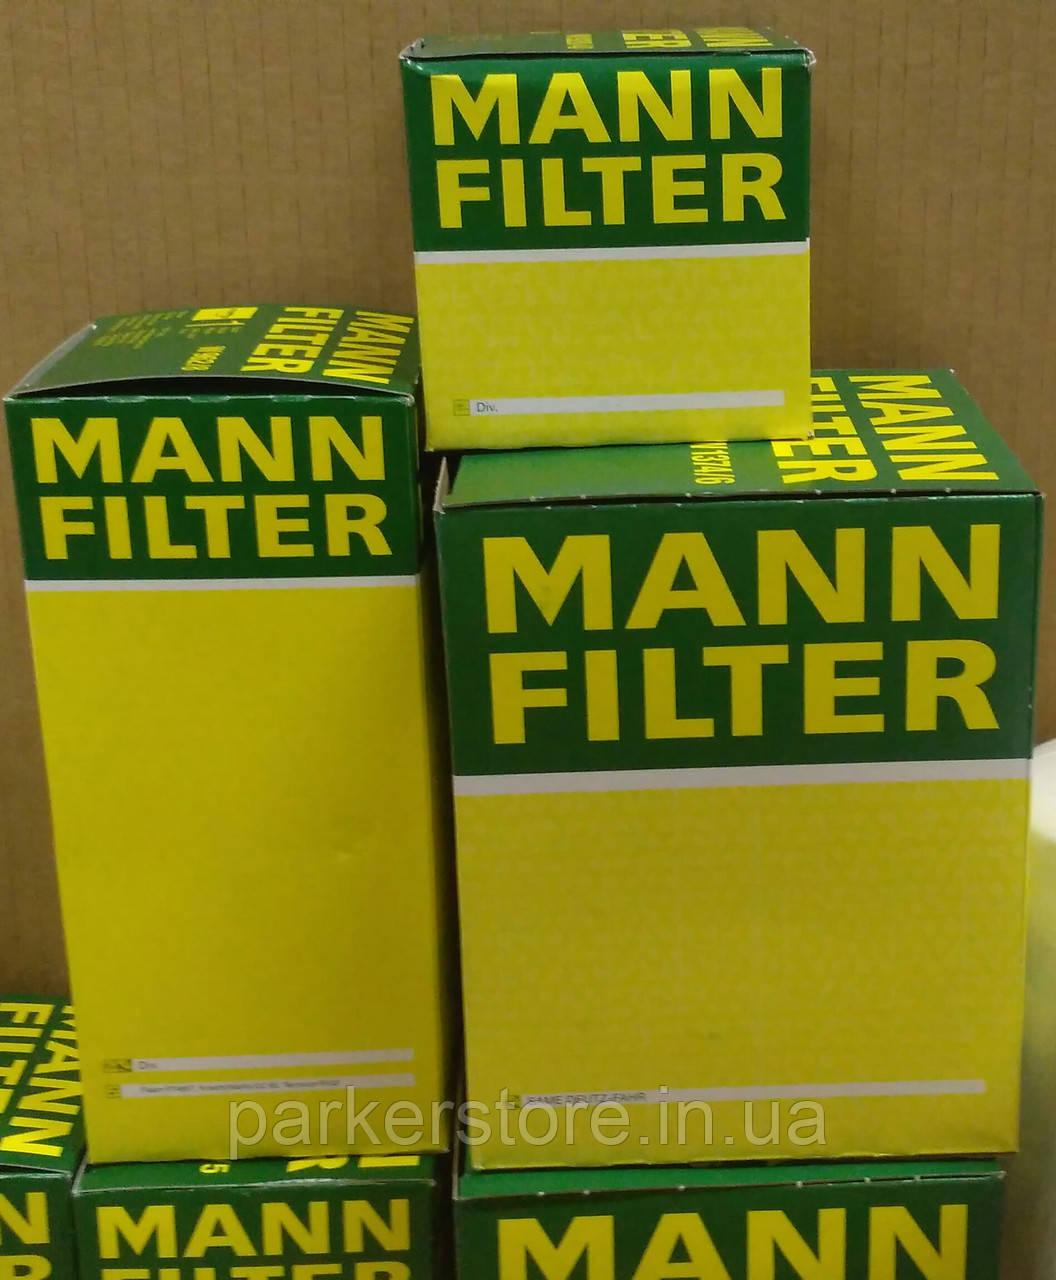 MANN FILTER / Повітряний фільтр / C 24 010 / C24010